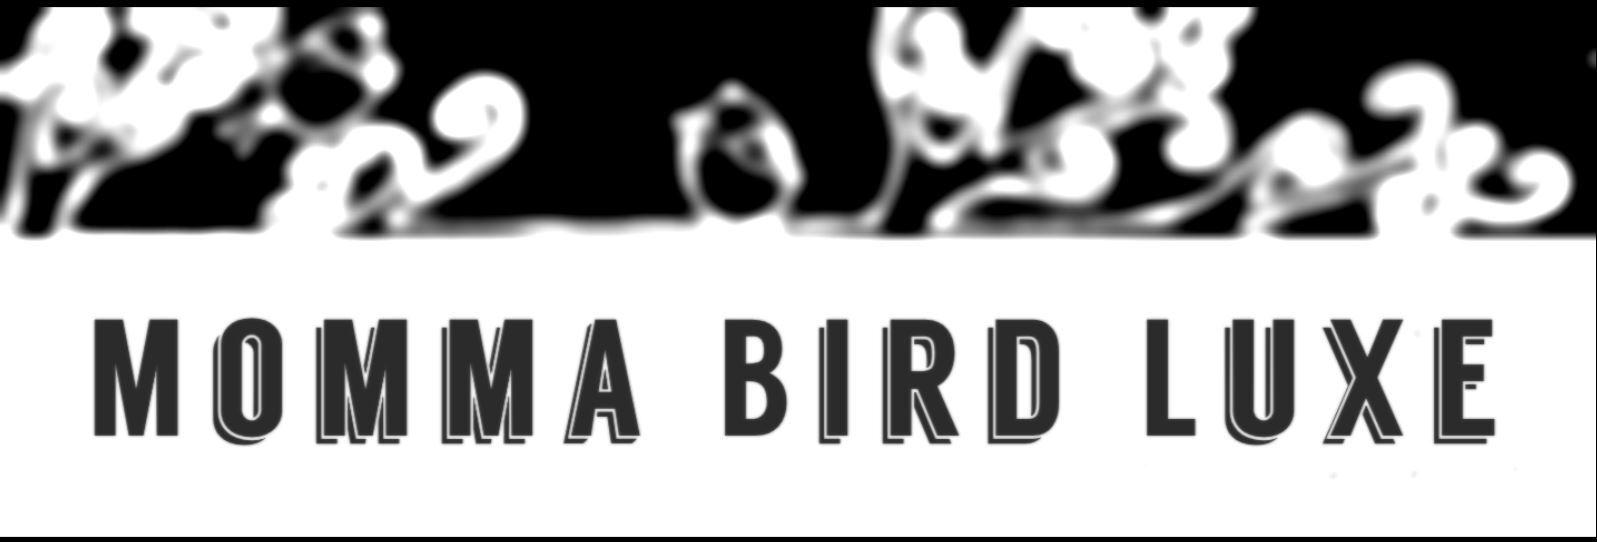 Momma Bird Luxe